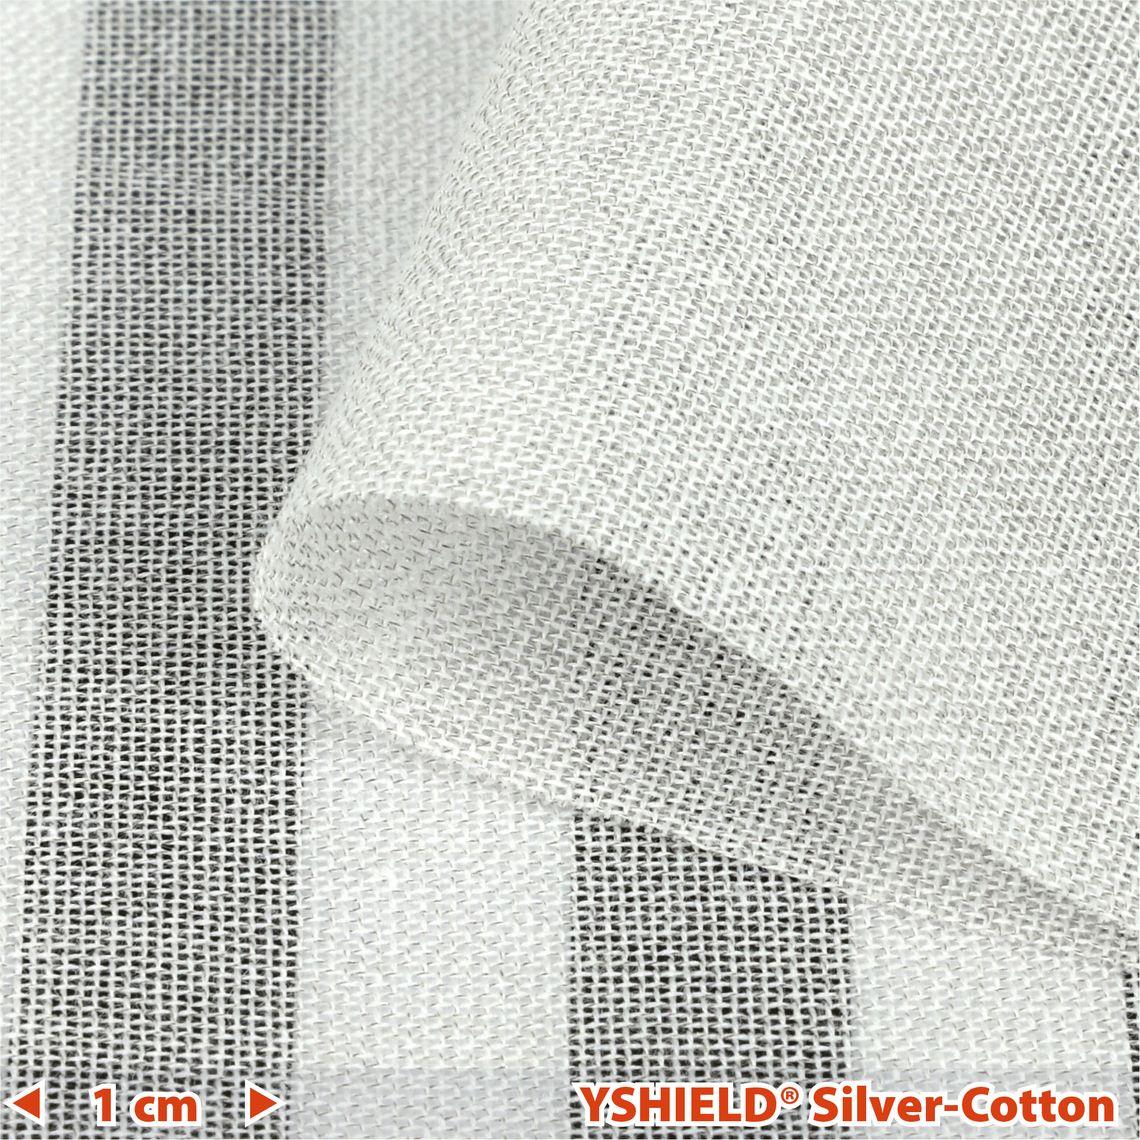 YSHIELD® SILVER-COTTON   Abschirmstoff   Breite 250 cm   1 Meter